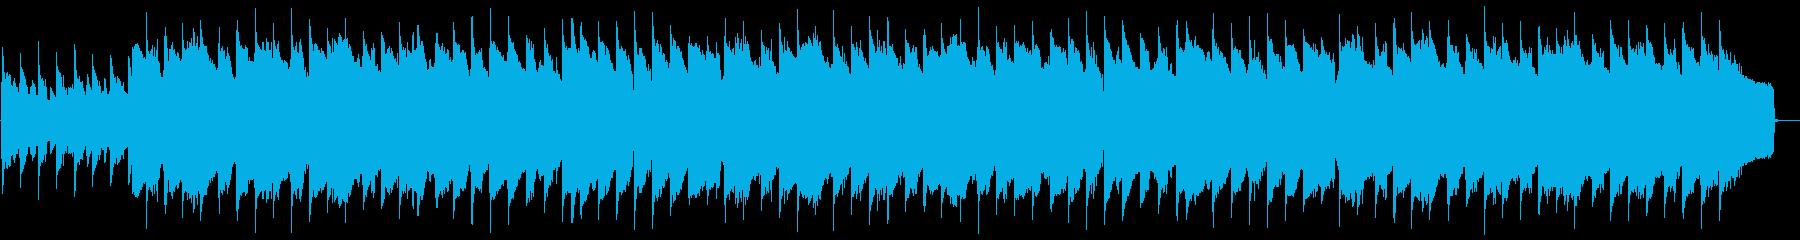 穏やかで優しいアコギとリコーダーの調べの再生済みの波形